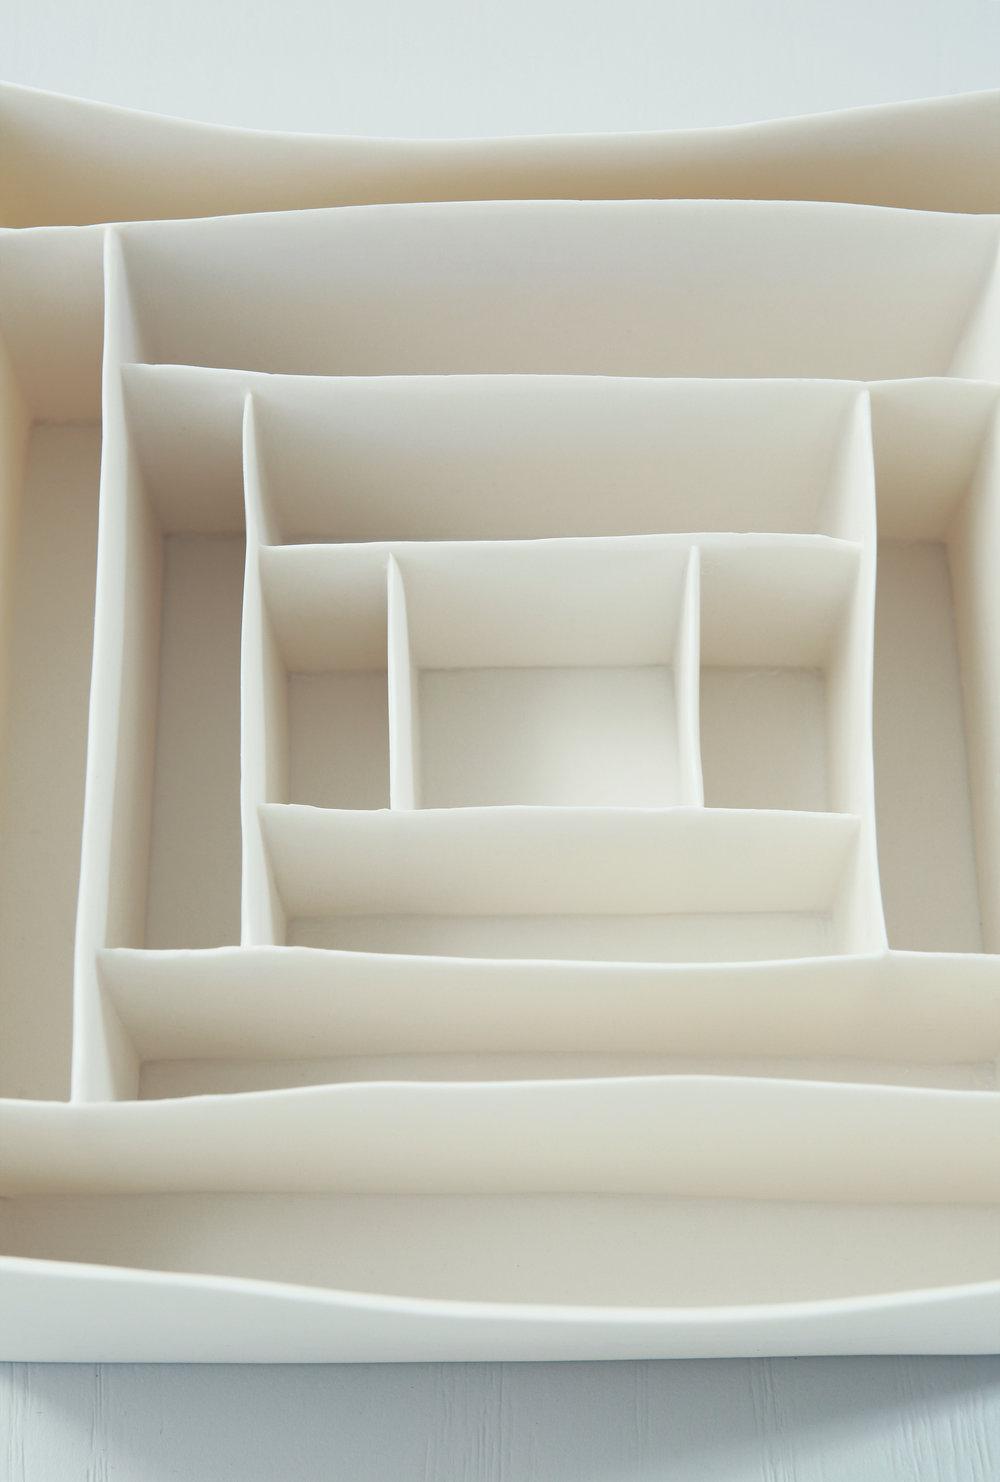 Praesidium Isobel Egan Image 3.jpg